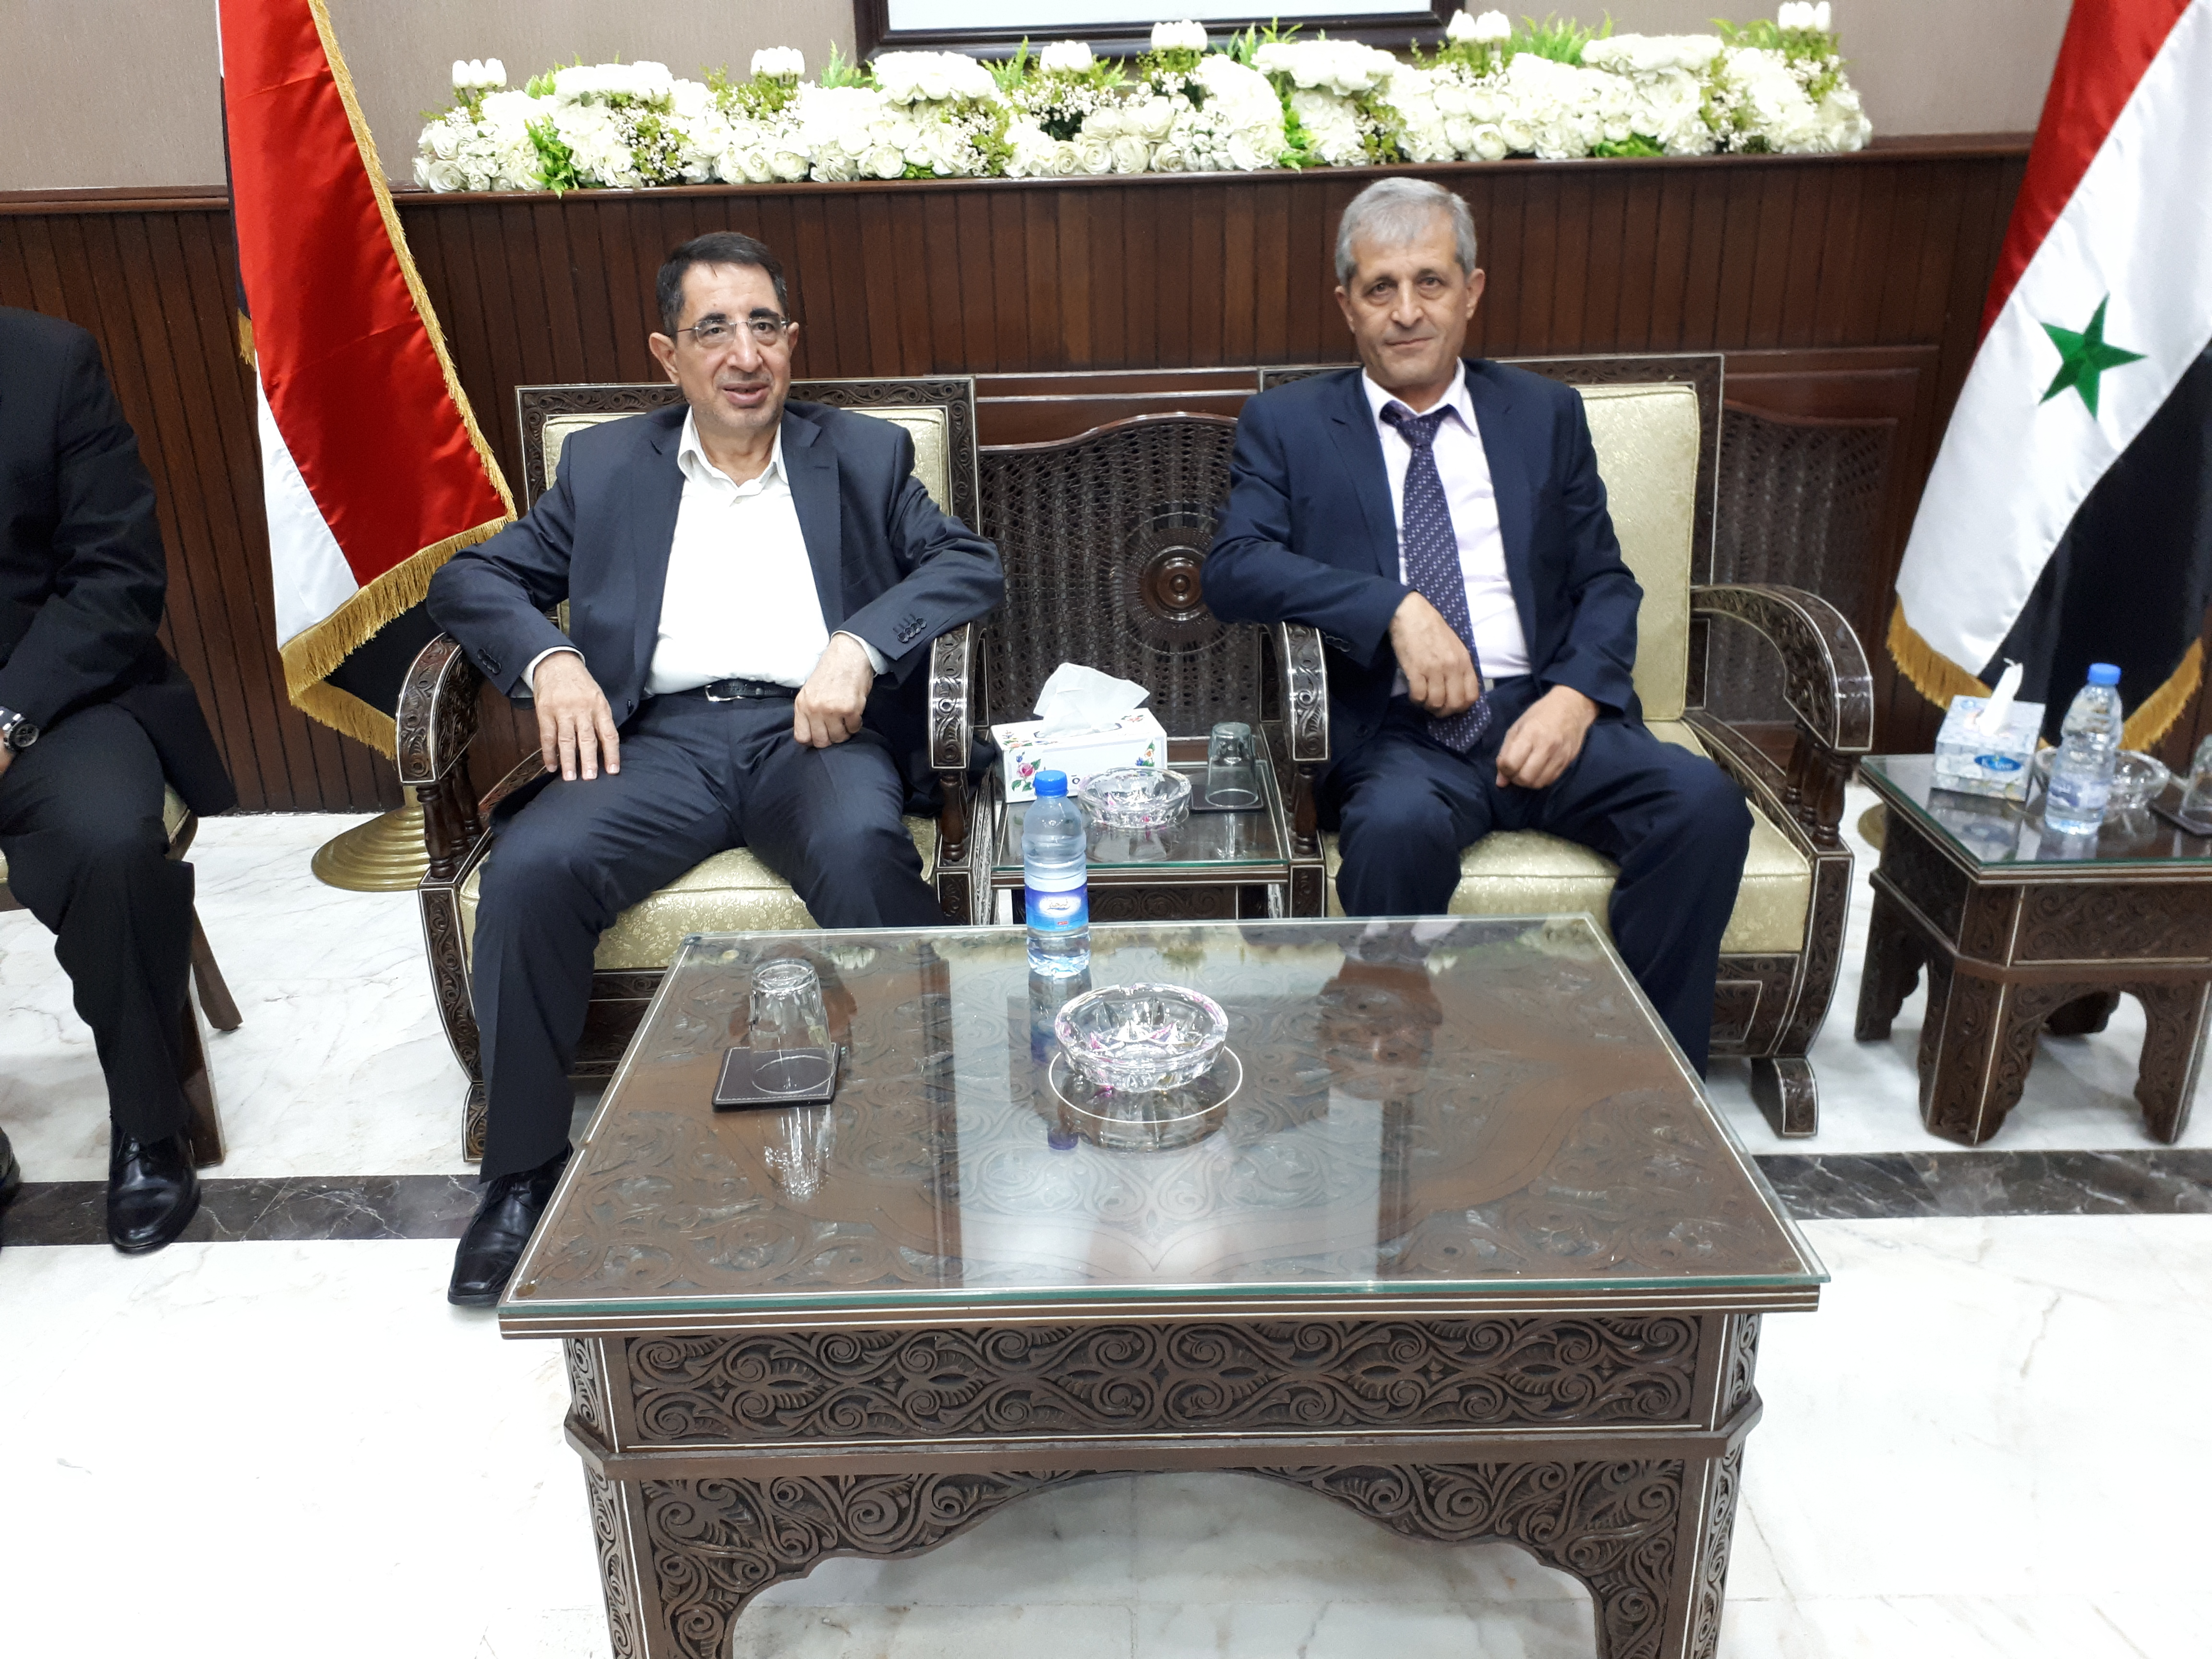 صورة وصول الوزير الحاج حسن الى دمشق